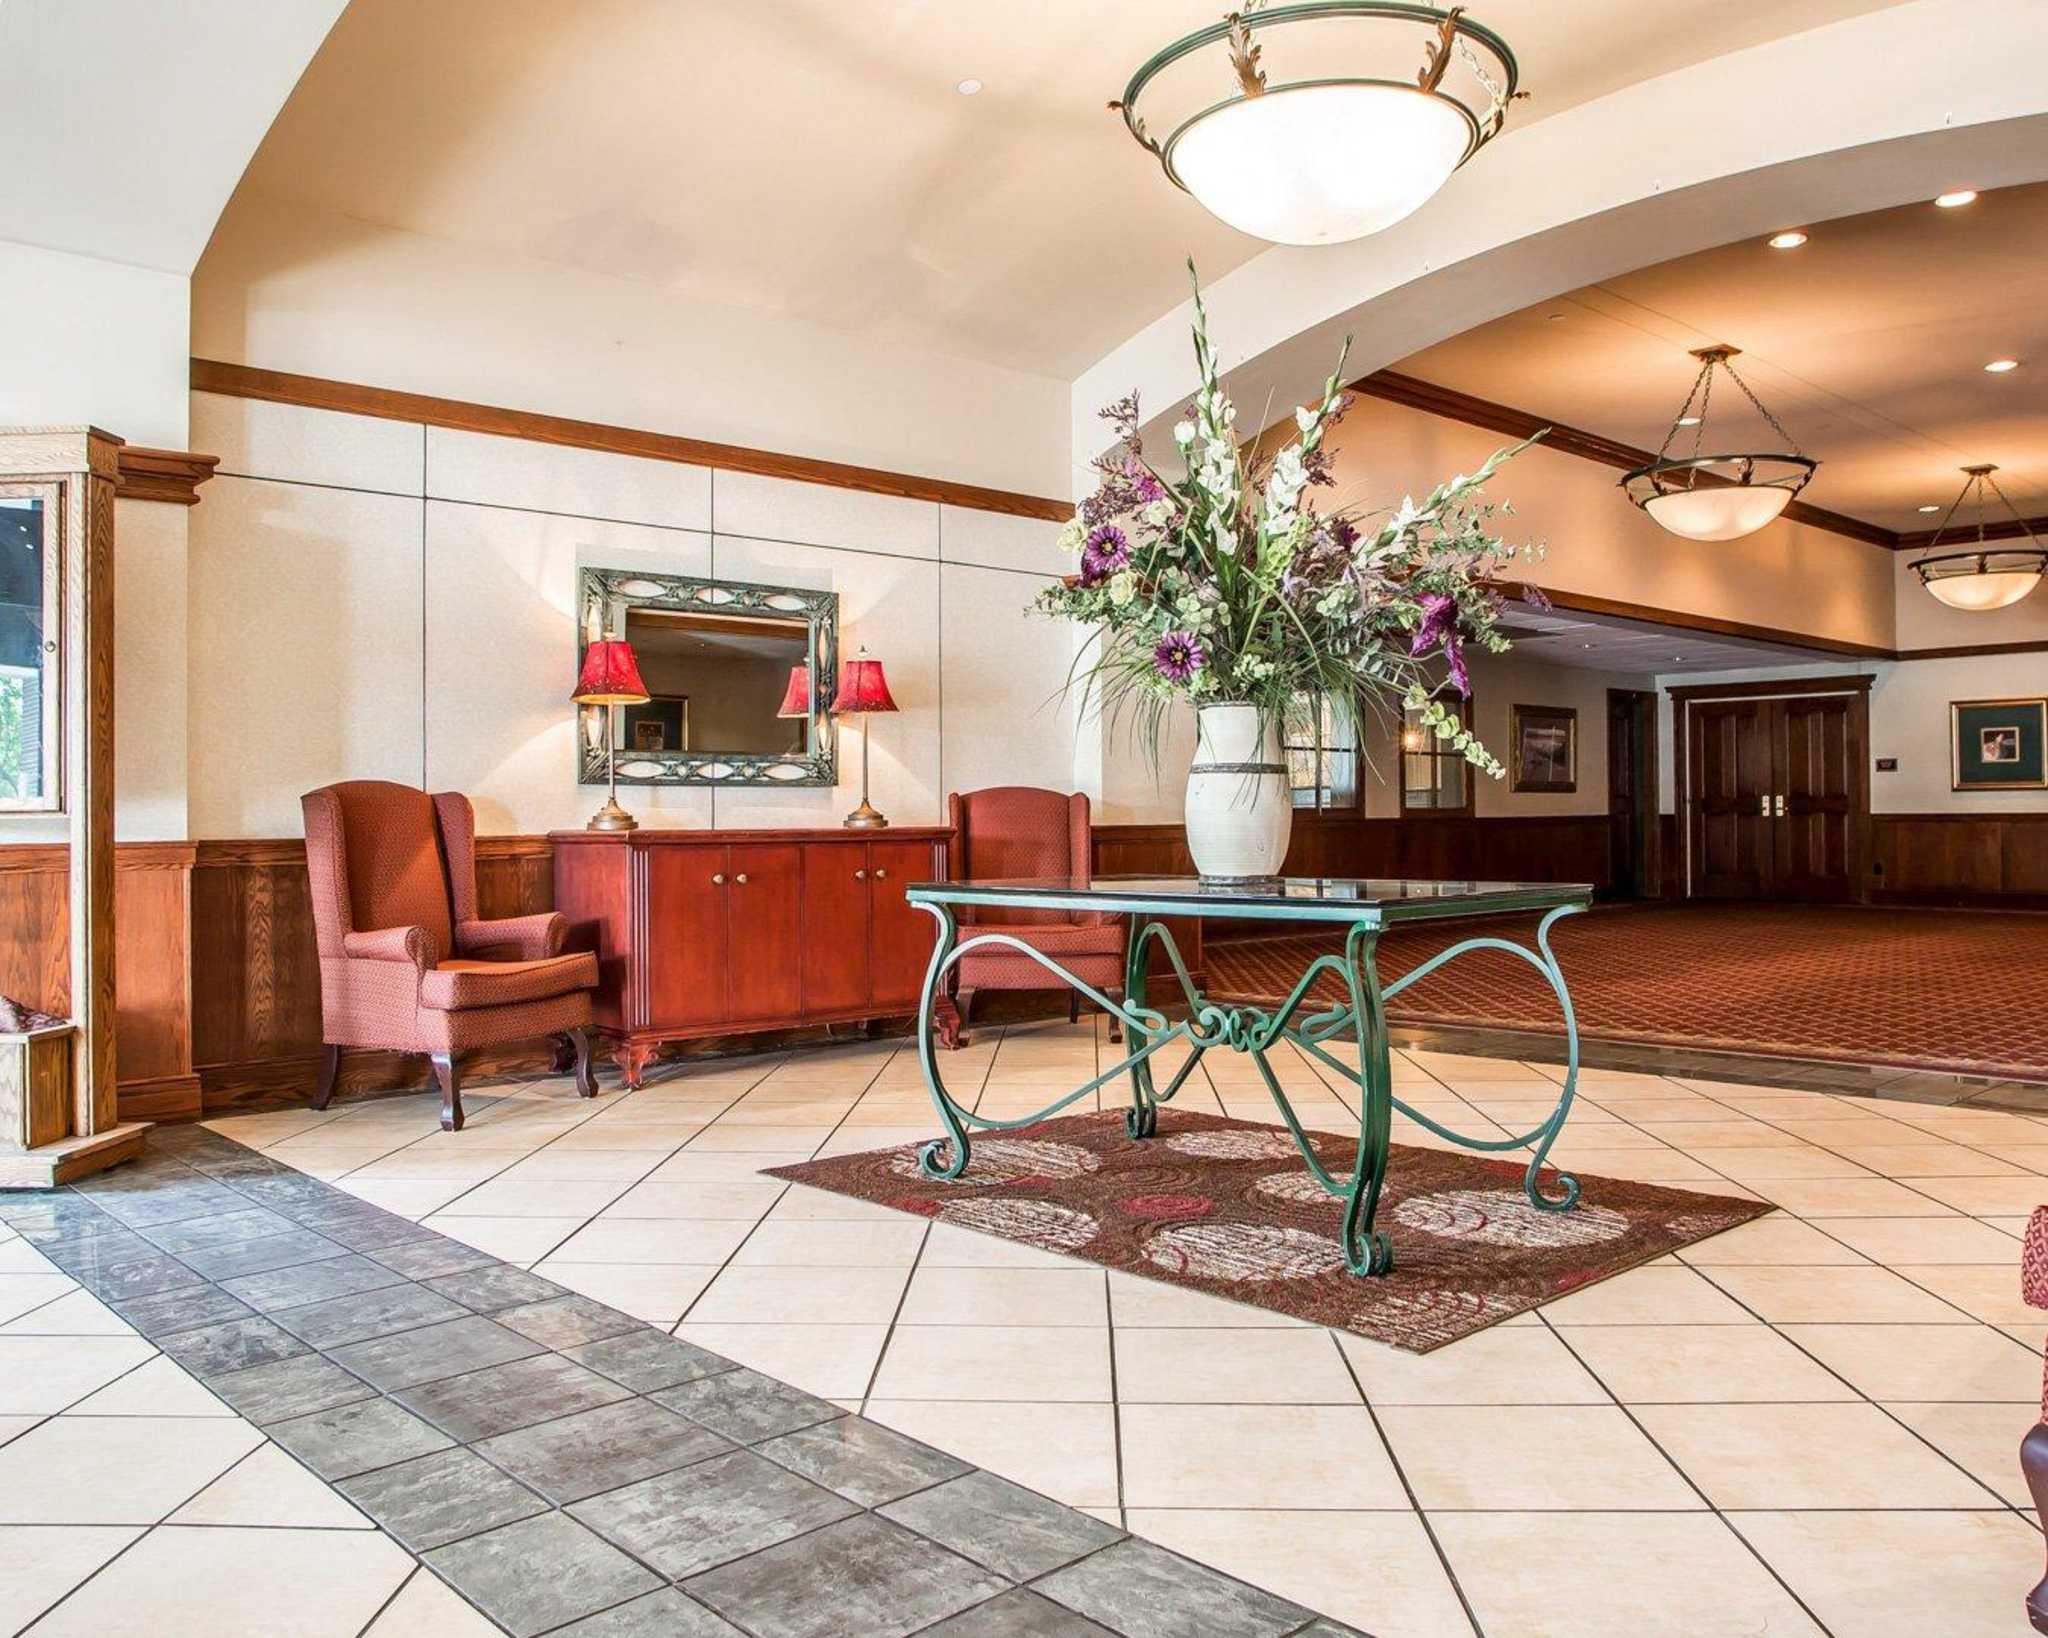 Clarion Hotel Highlander Conference Center image 0